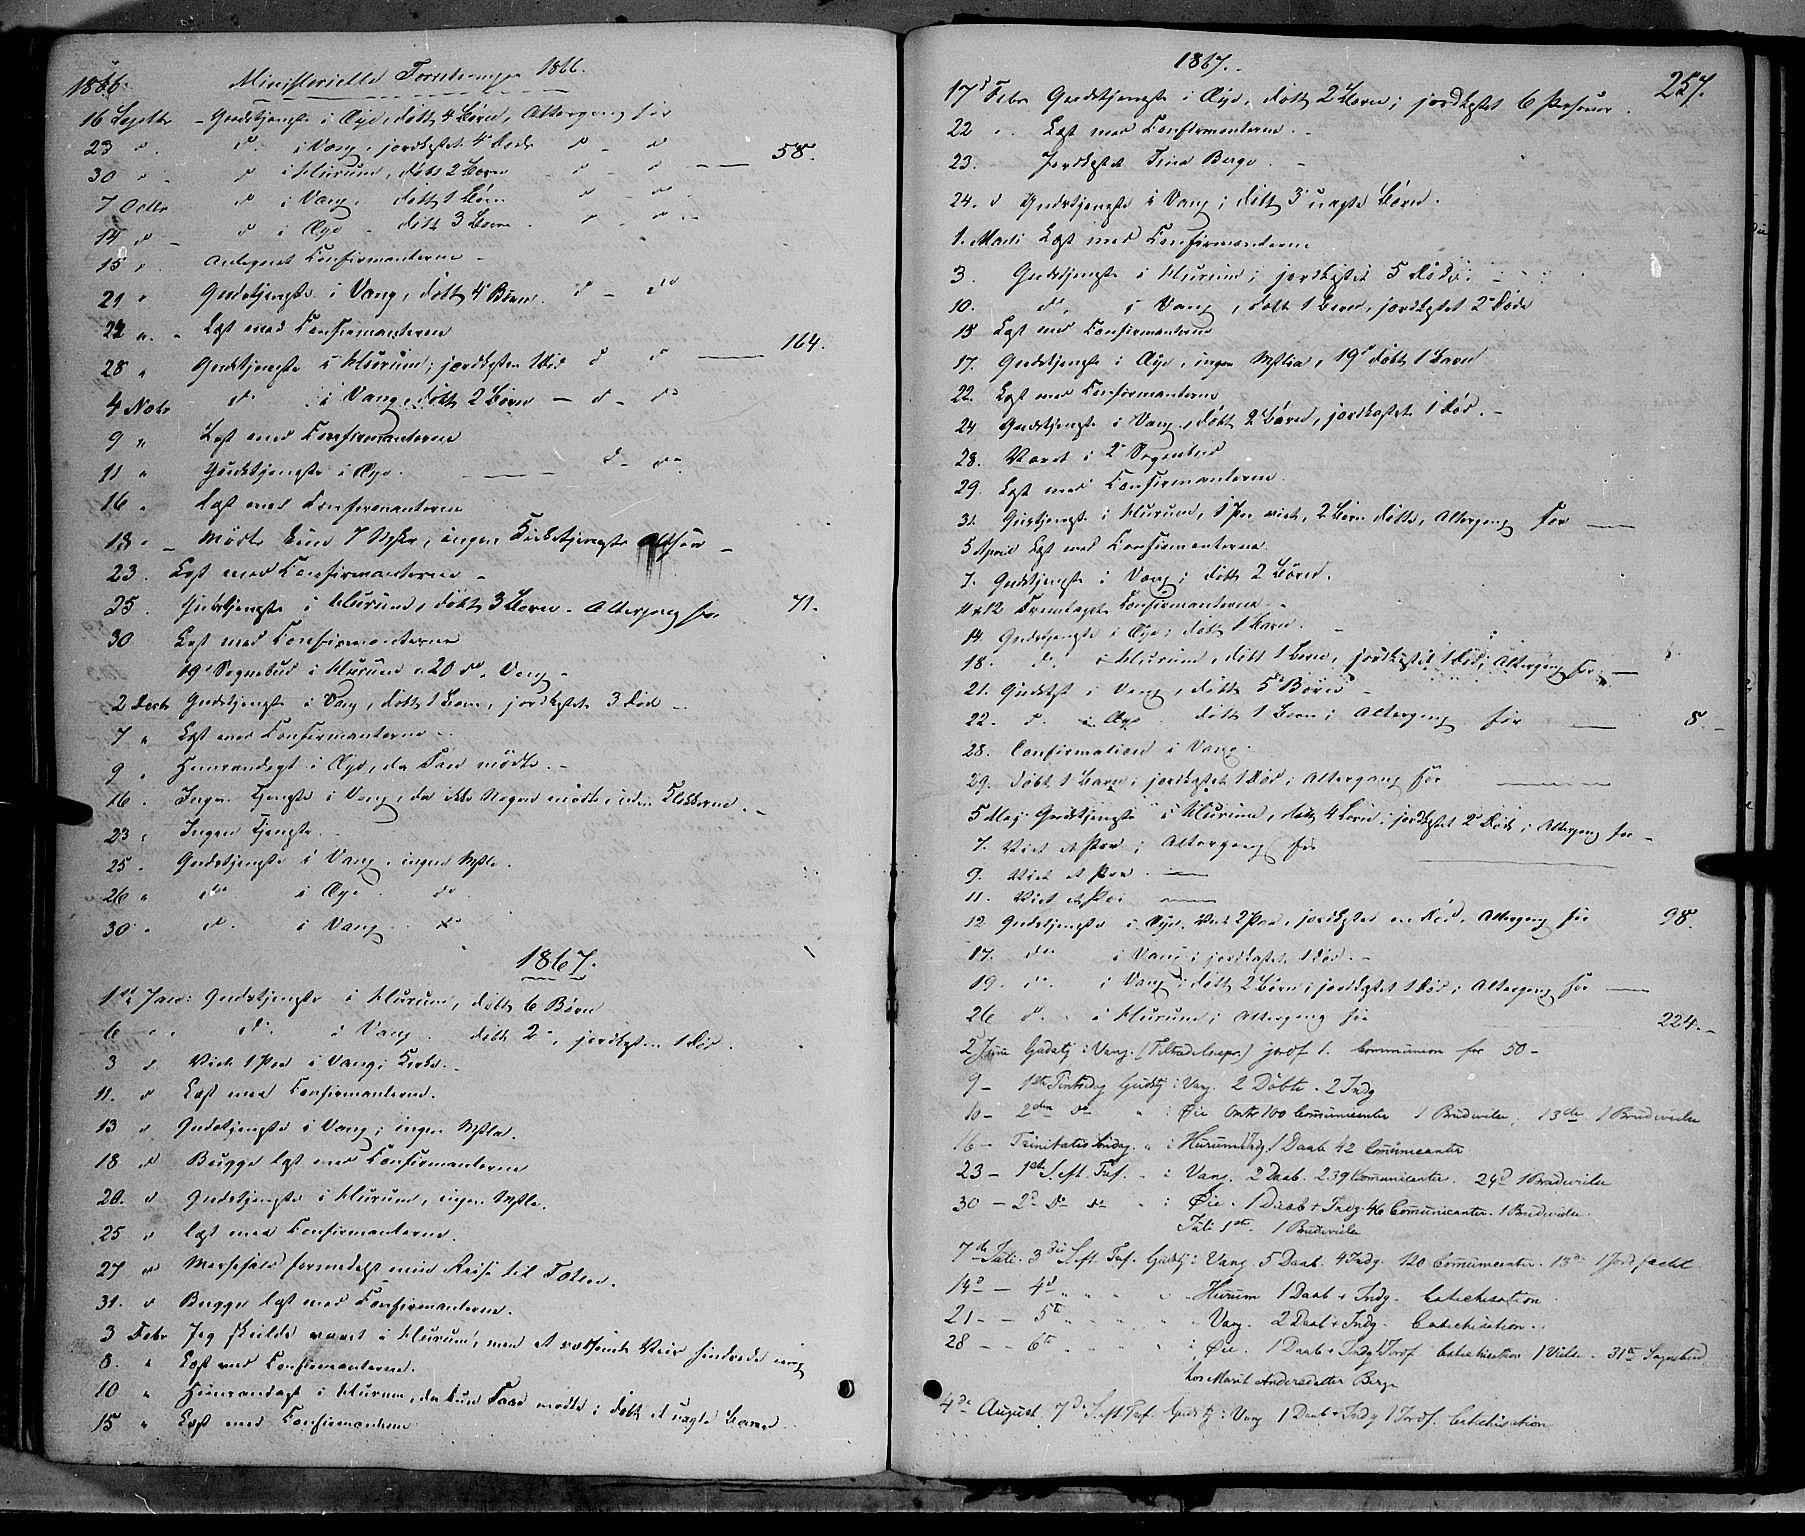 SAH, Vang prestekontor, Valdres, Ministerialbok nr. 7, 1865-1881, s. 257